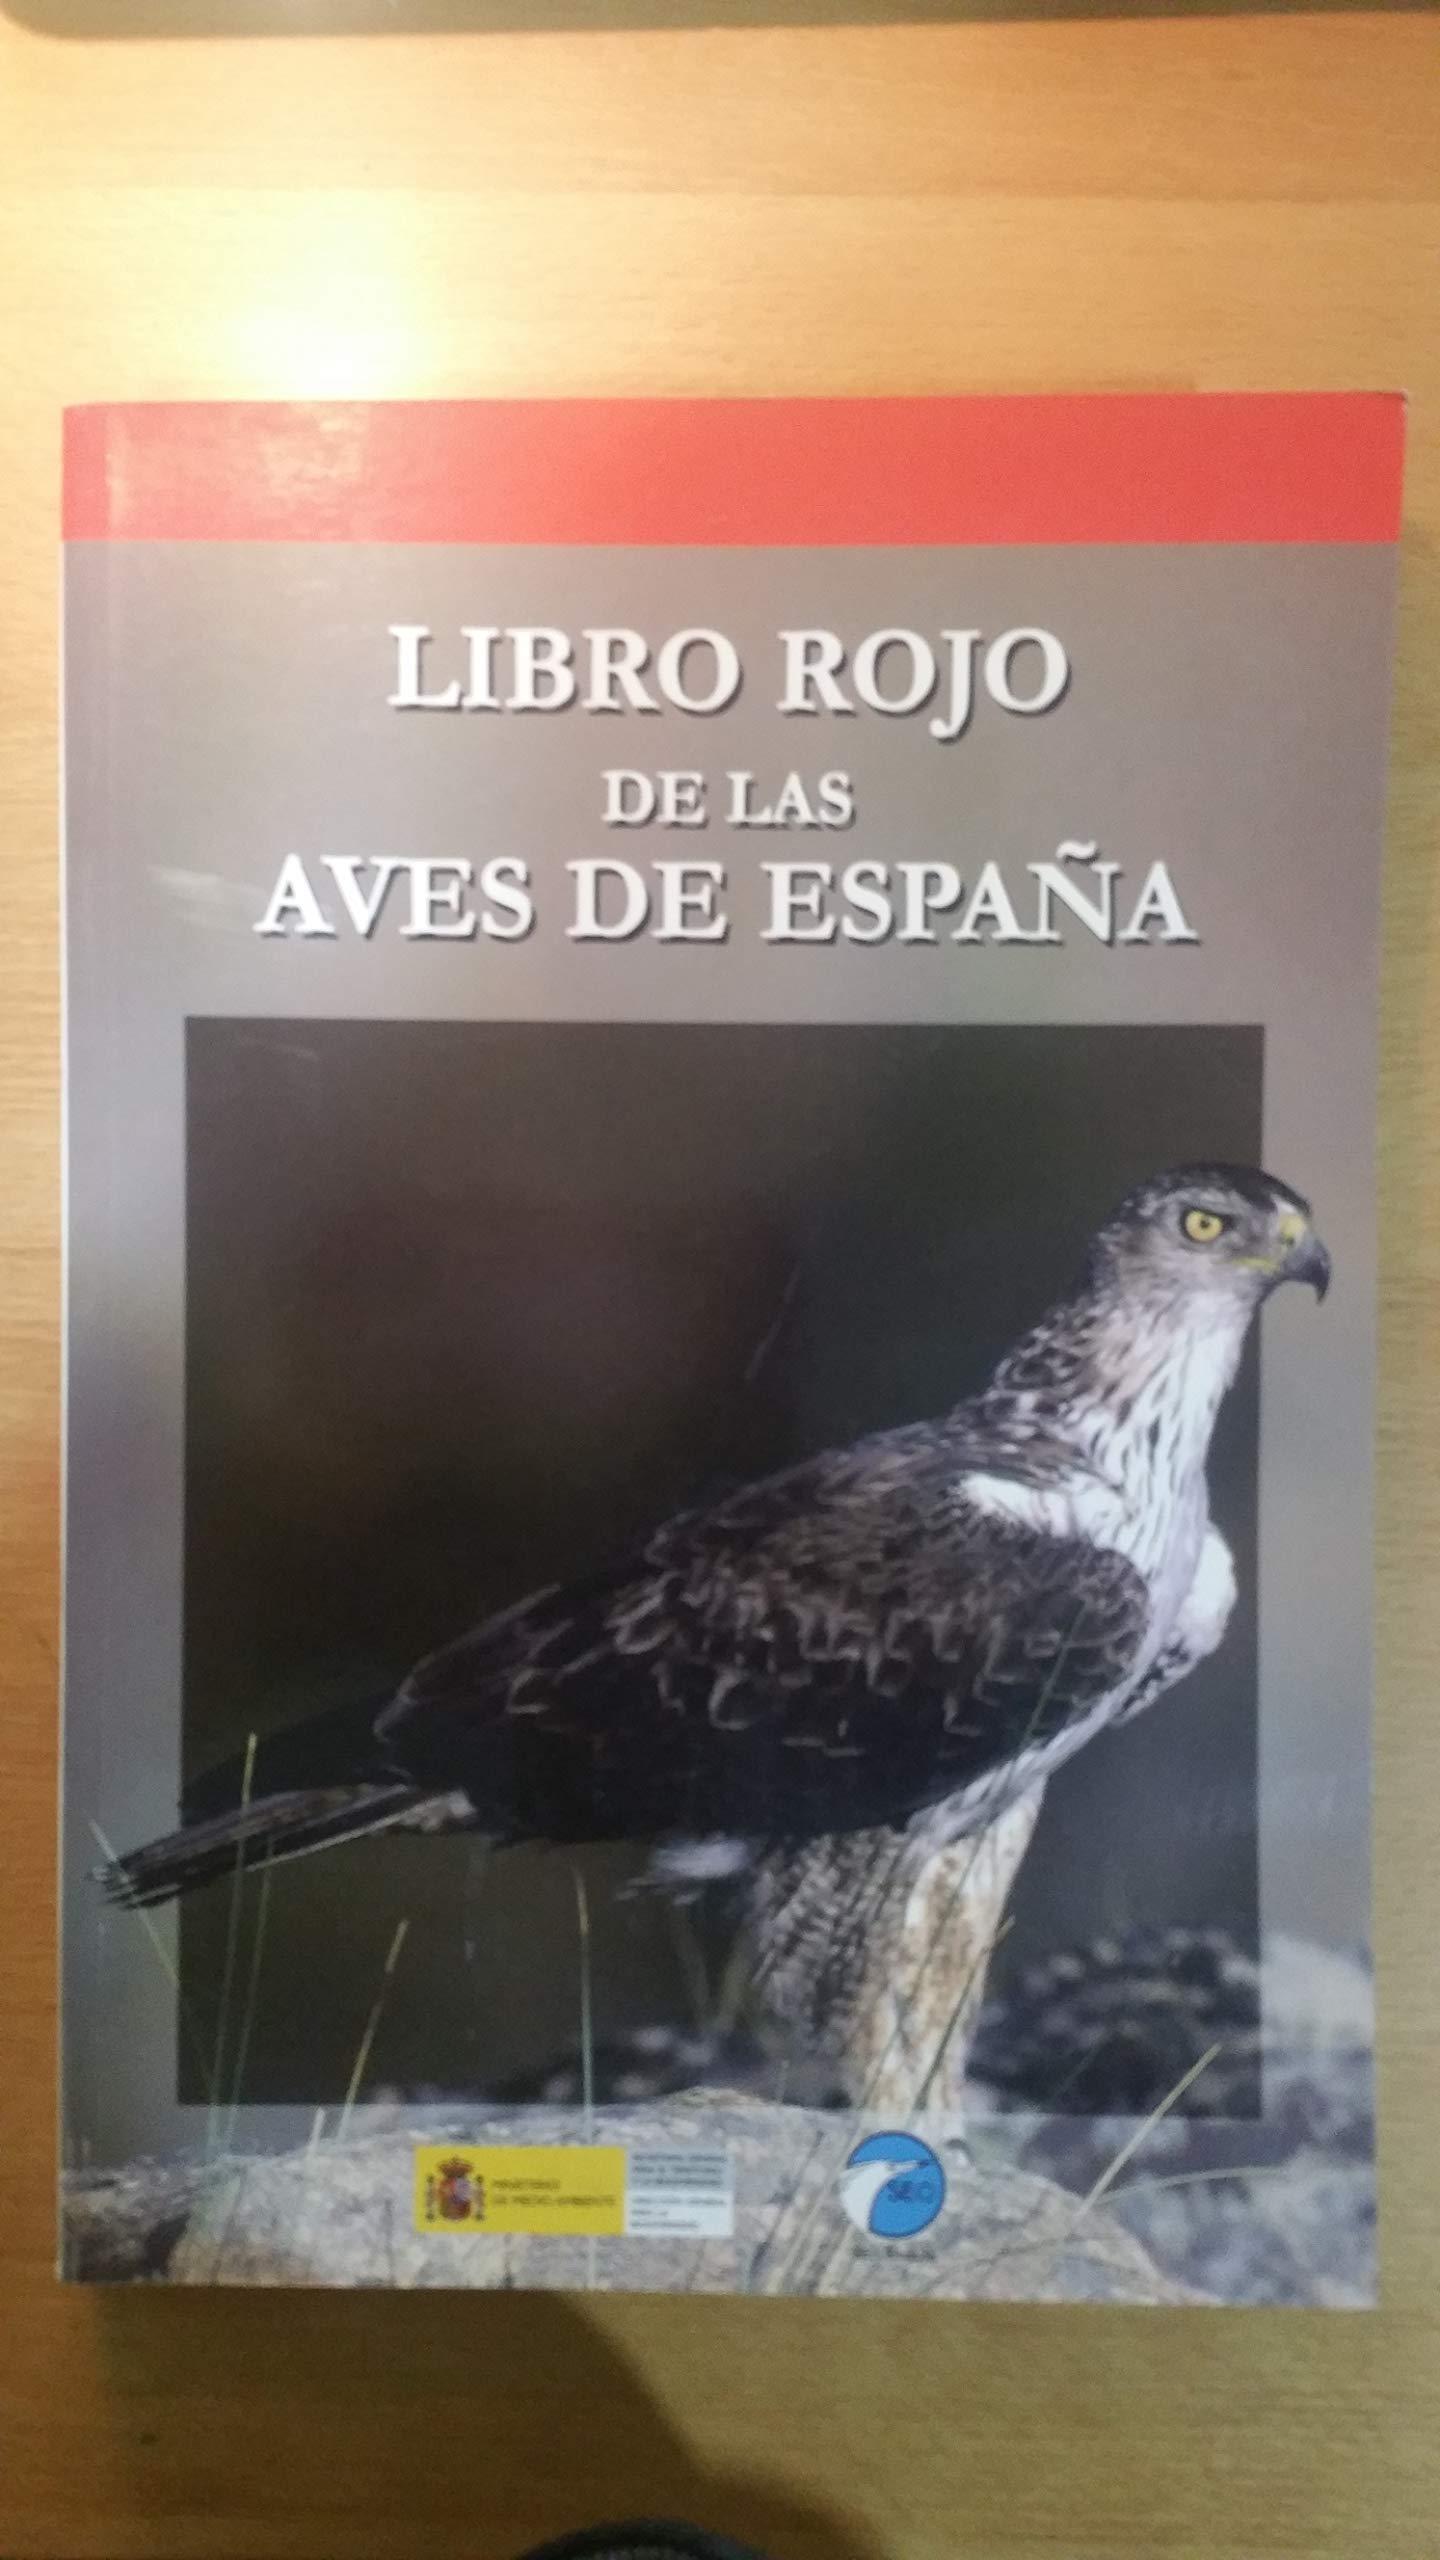 EL LIBRO ROJO DE LAS AVES DE ESPAÑA ALTAS-LIB5688: Amazon.es ...